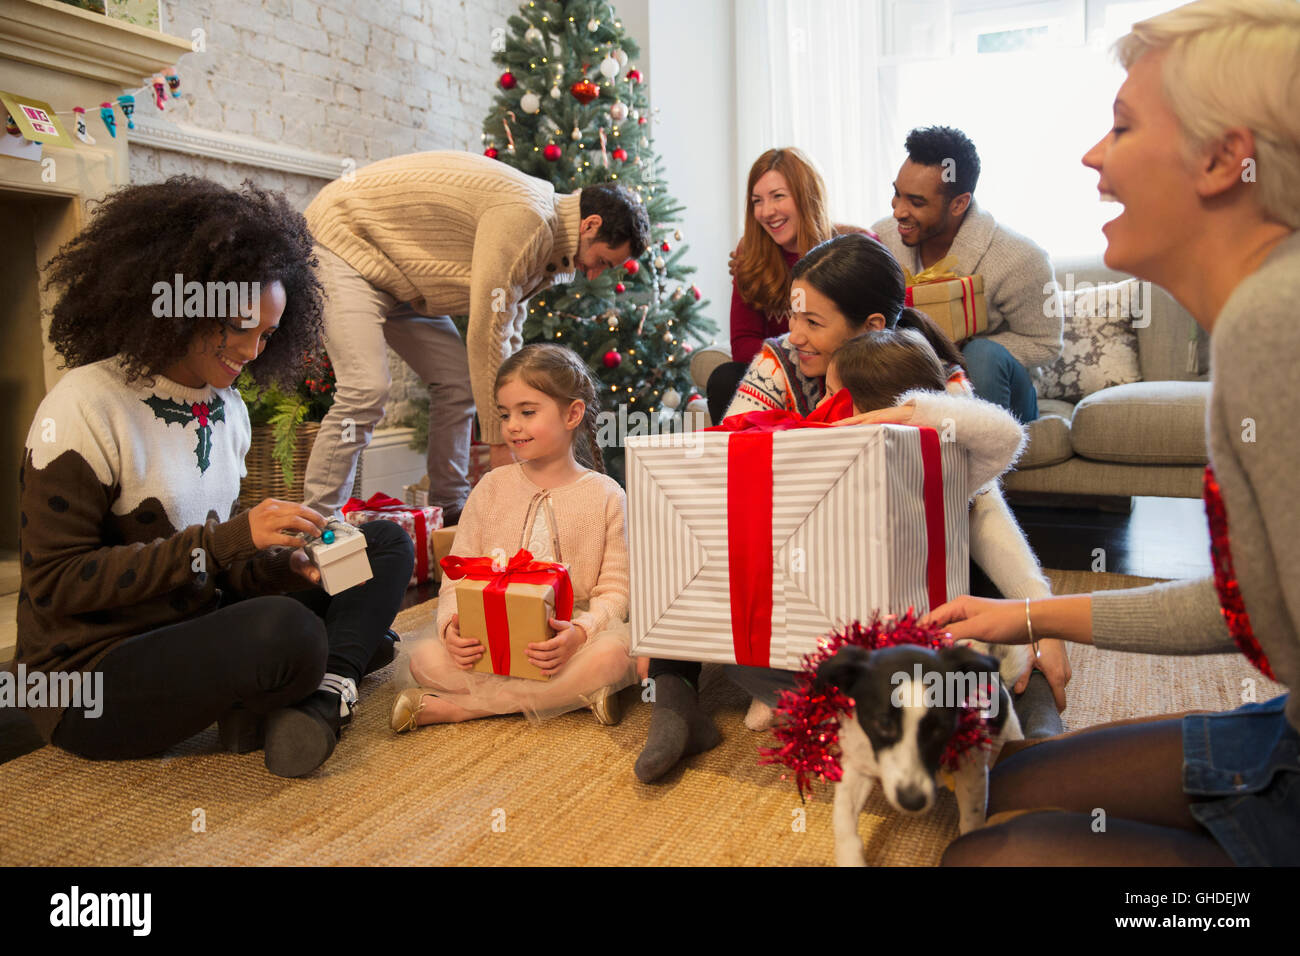 Freunde und Familie Weihnachtsgeschenke im Wohnzimmer öffnen ...